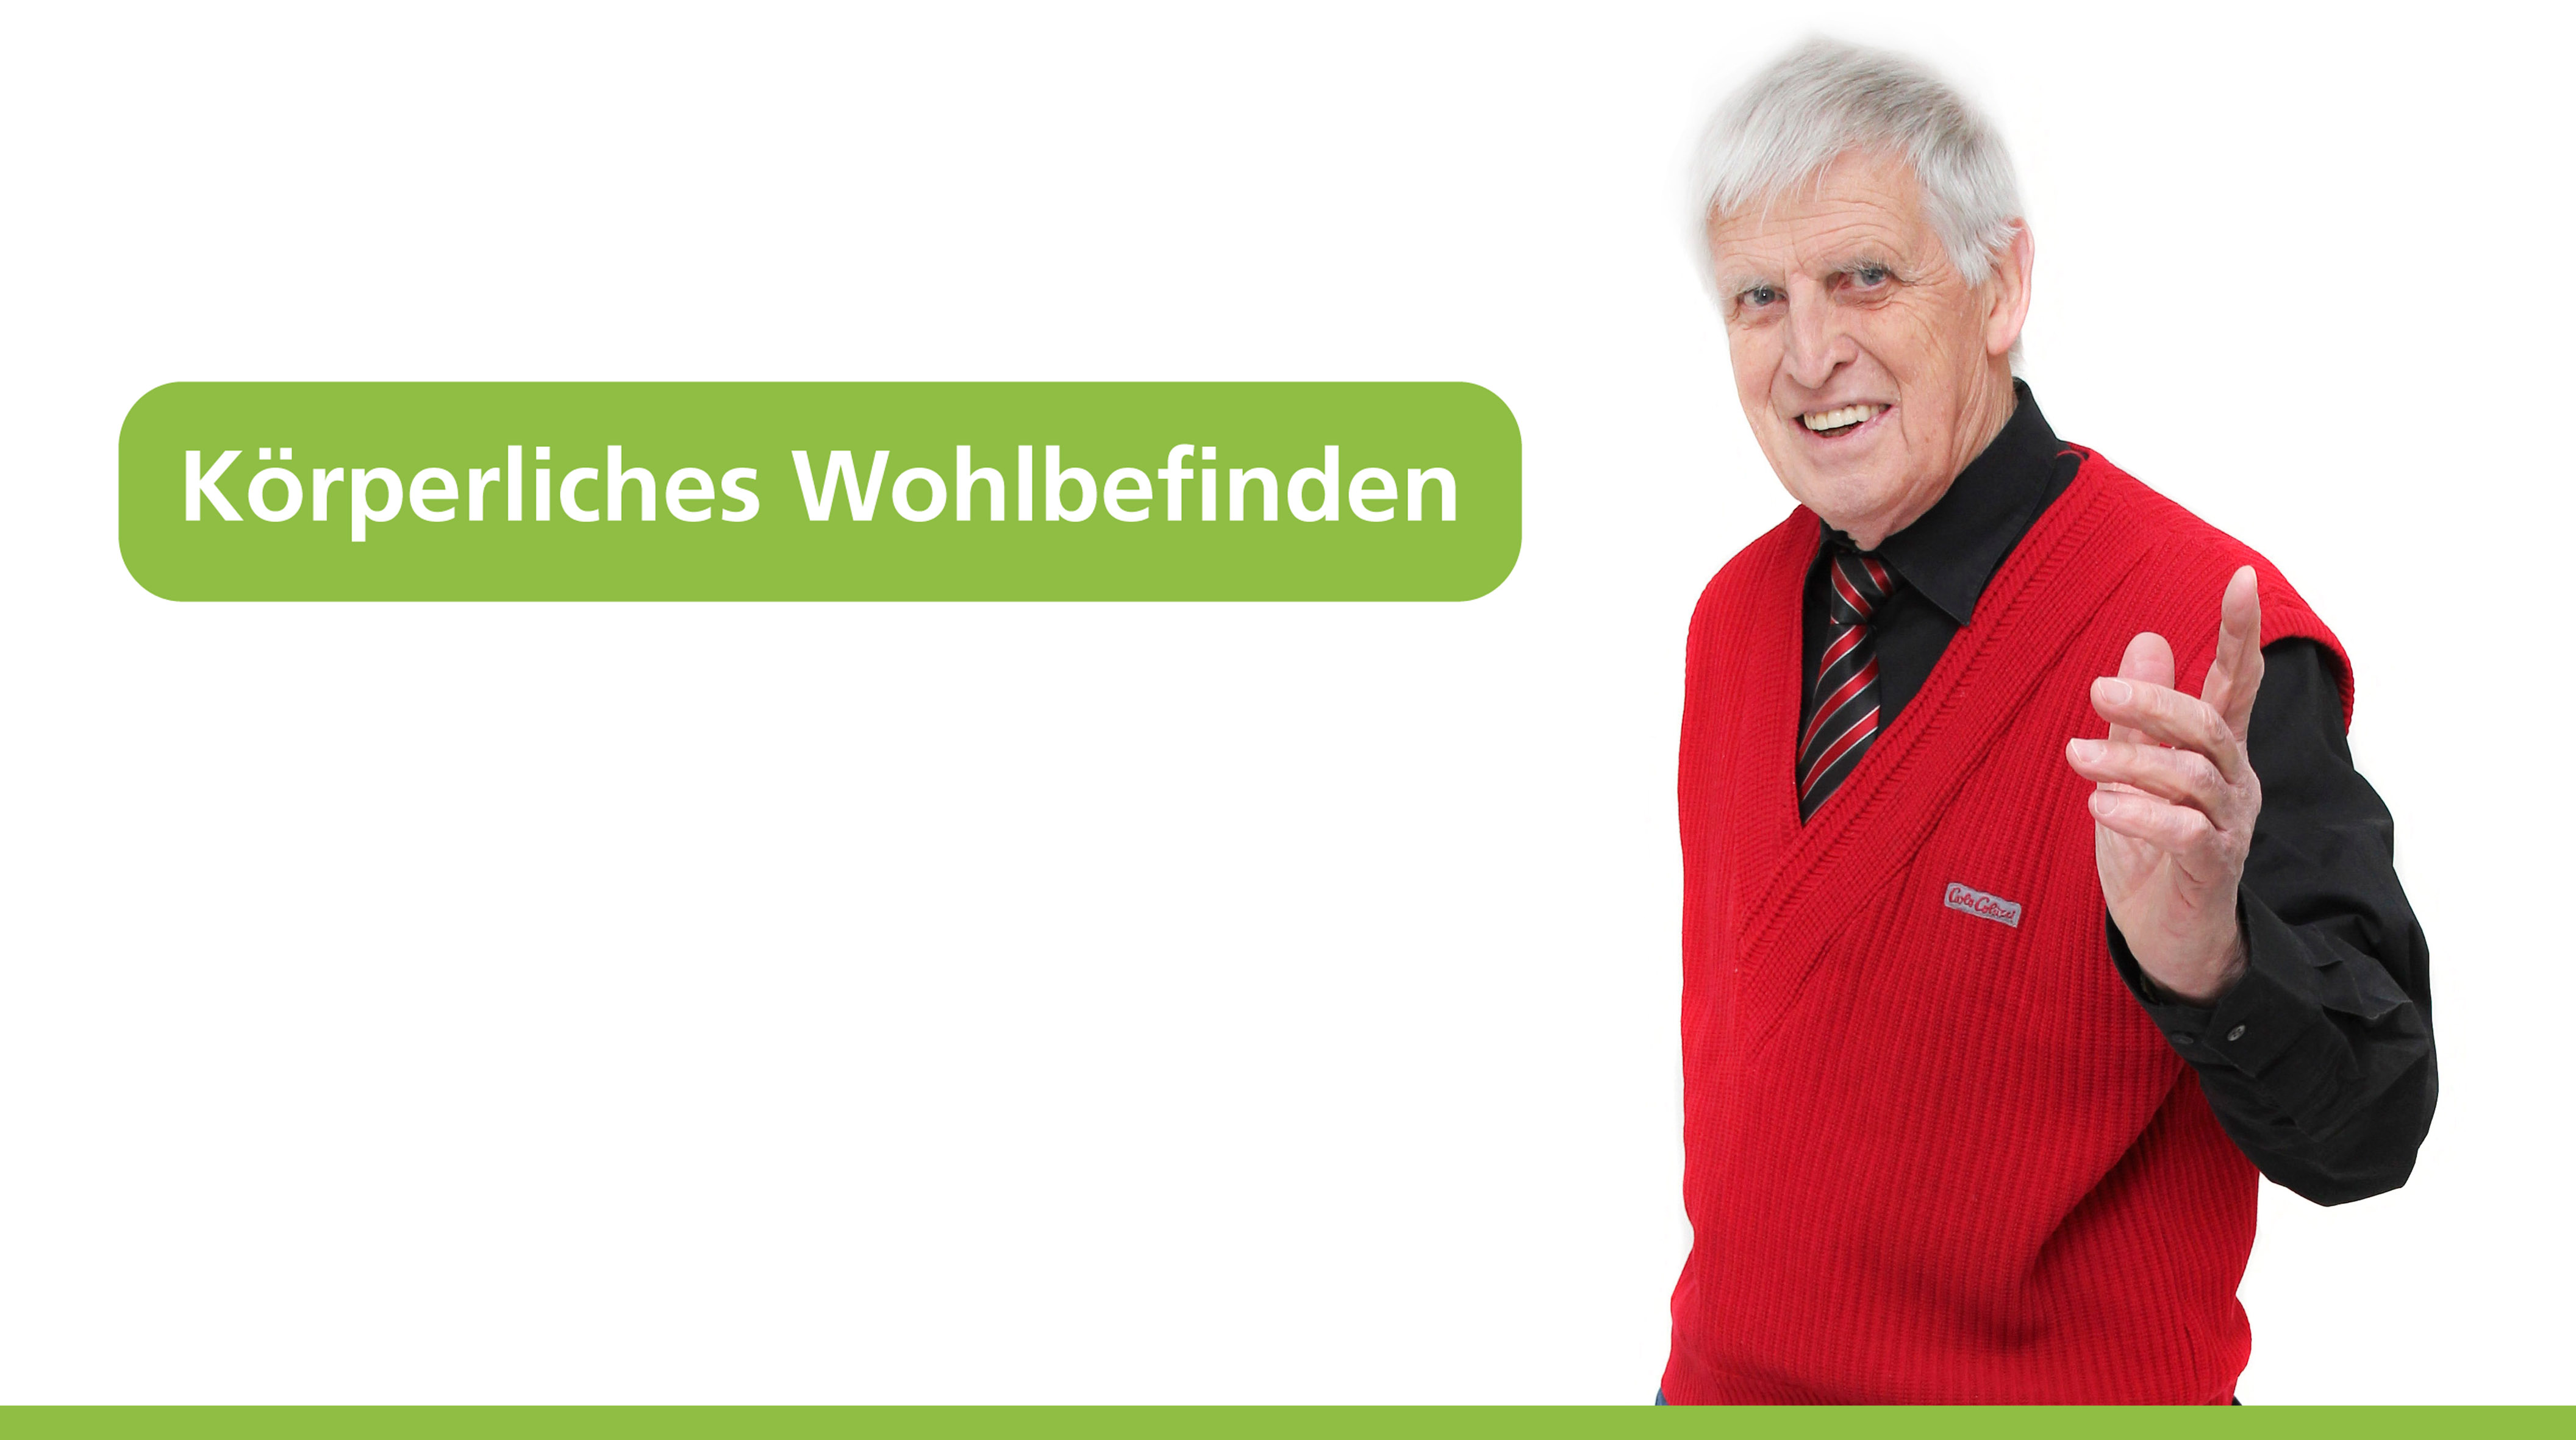 Heinz Benölken, Gesundheit, Wohlbefinden, fit120a, fit